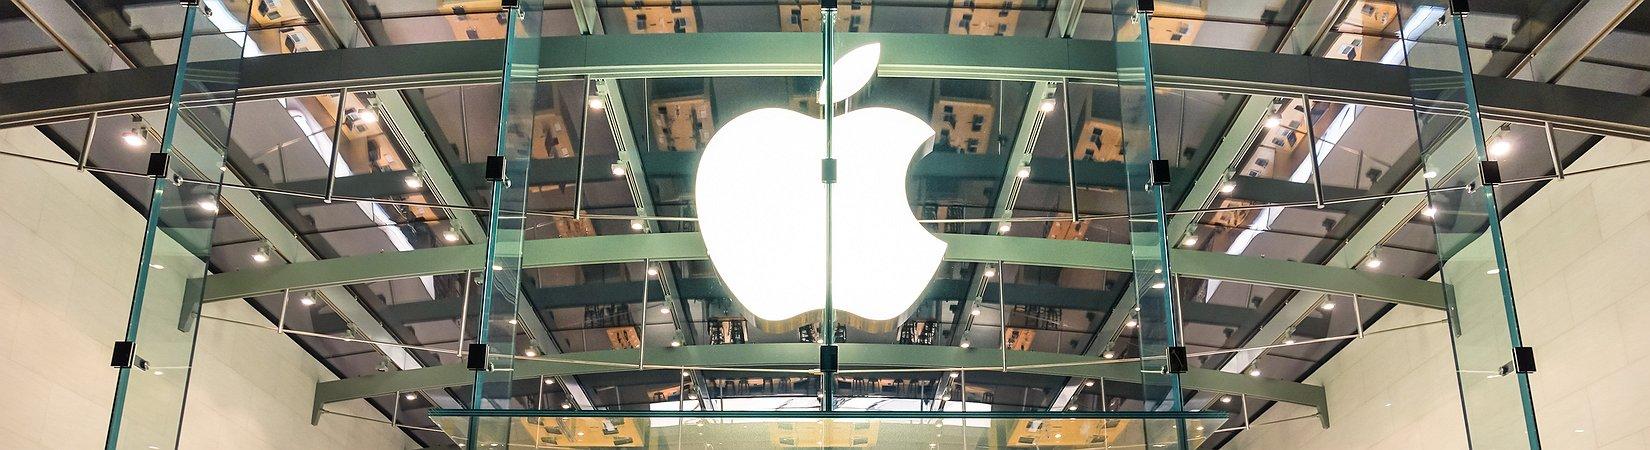 Los ingresos de  Apple caen por primera vez en 15 años